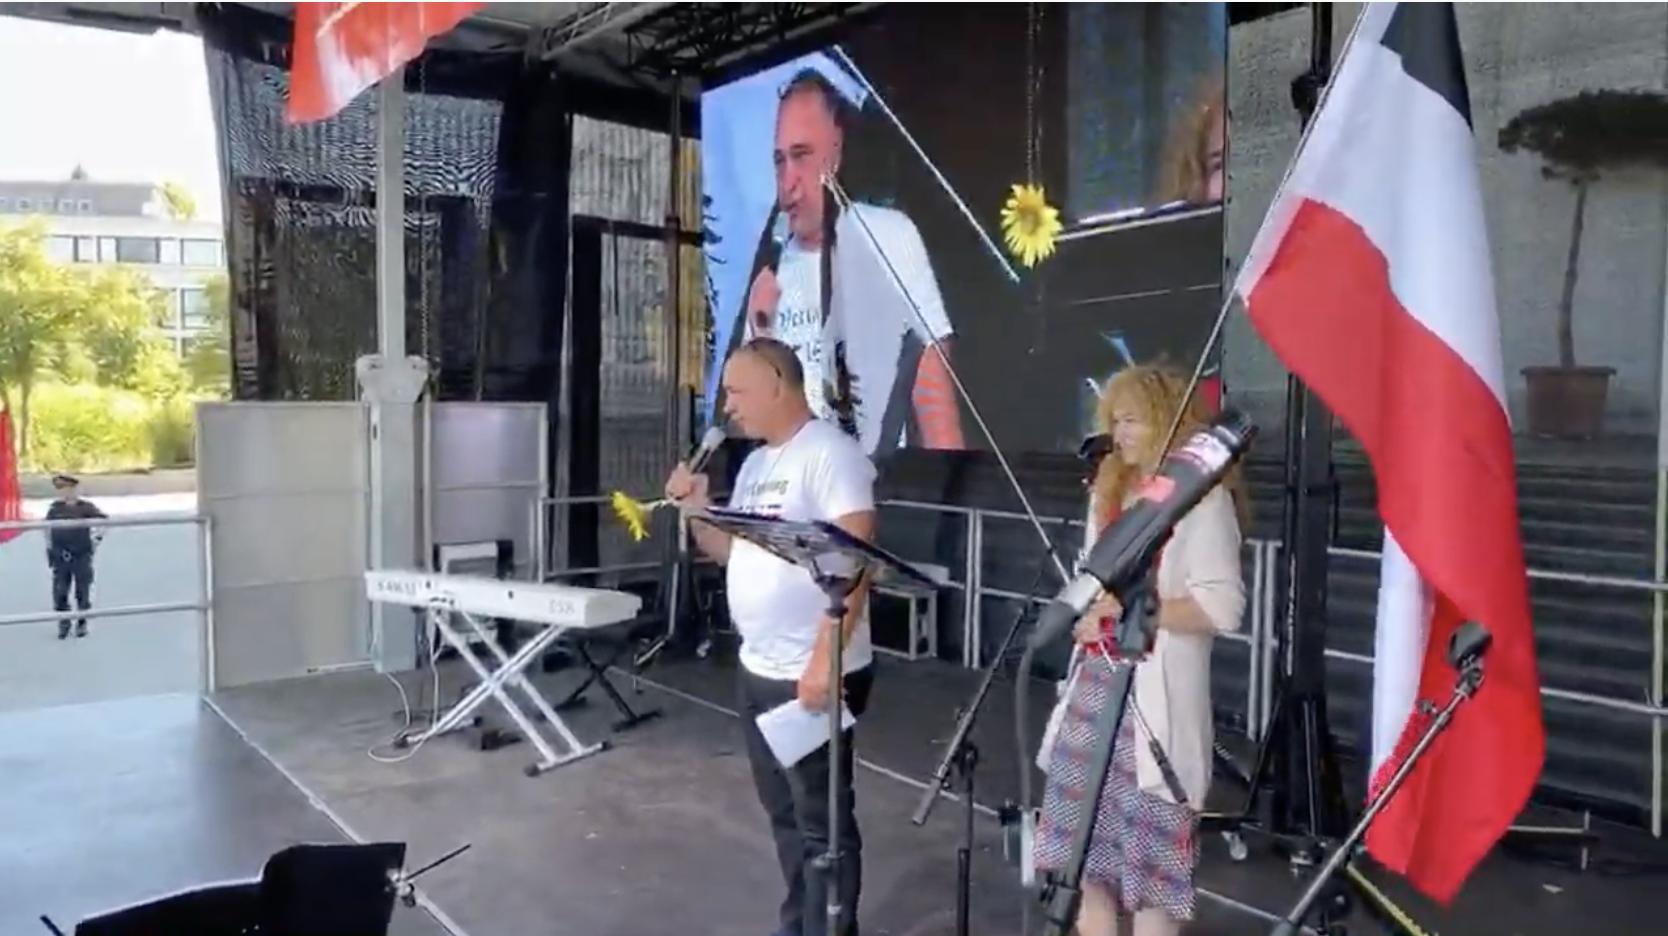 Franz Radon samt Begleiterin und Reichsfahne auf der Bühne in Wien